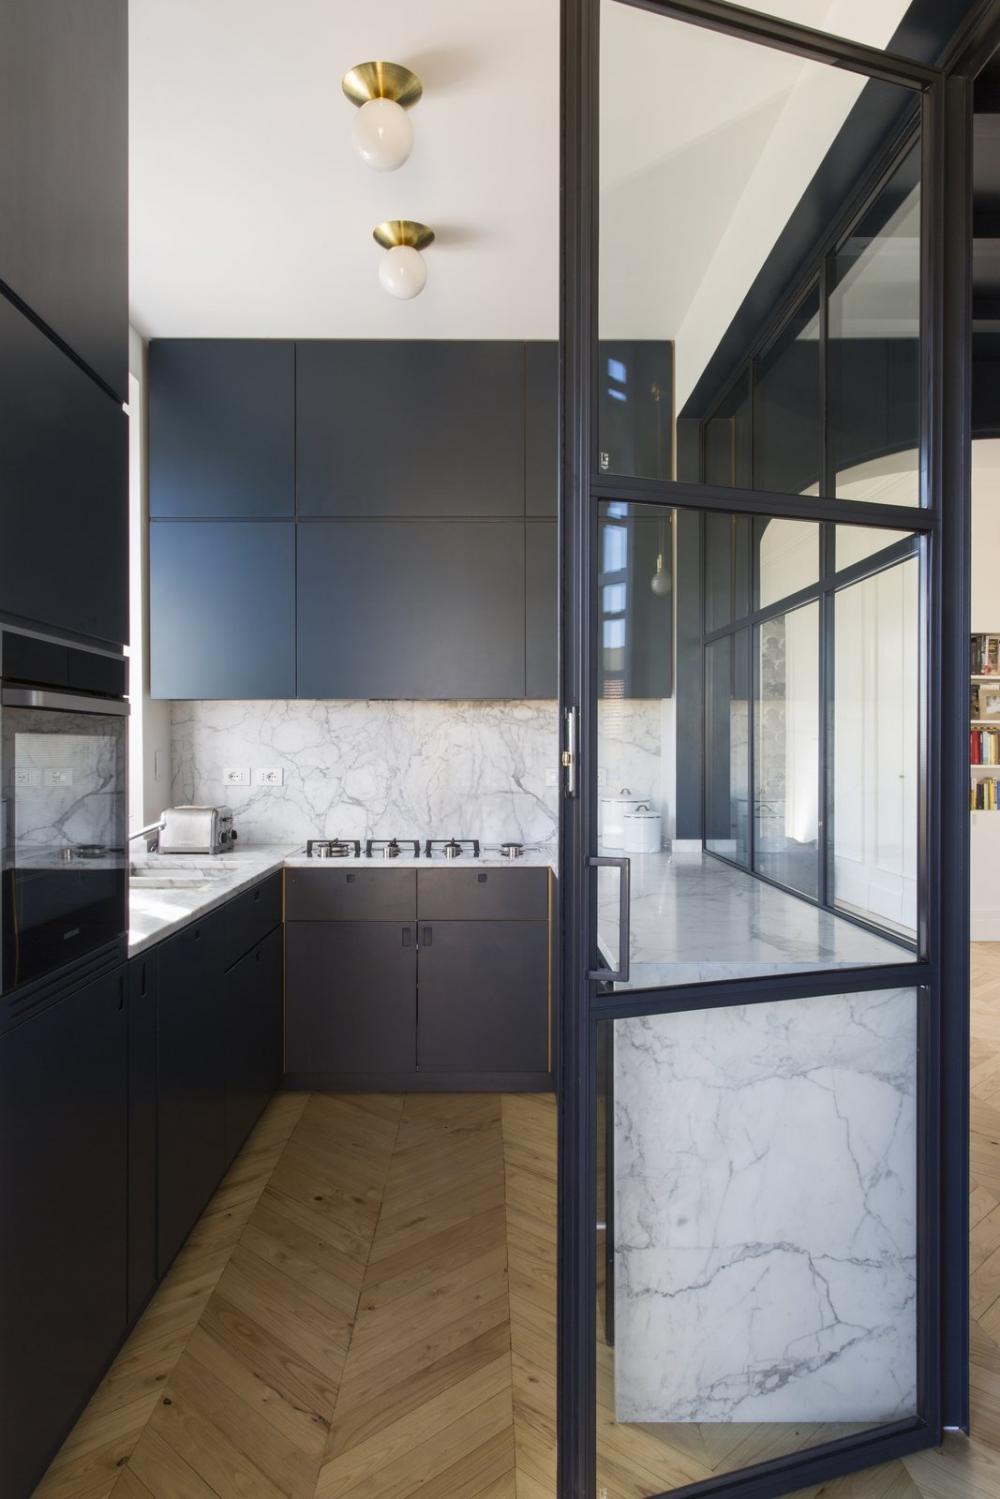 Cửa sổ bao quanh nhà bếp hiện đại và đẹp mắt. Đá cẩm thạch có vân sâu được sử dụng cho bề mặt bàn và backsplash.